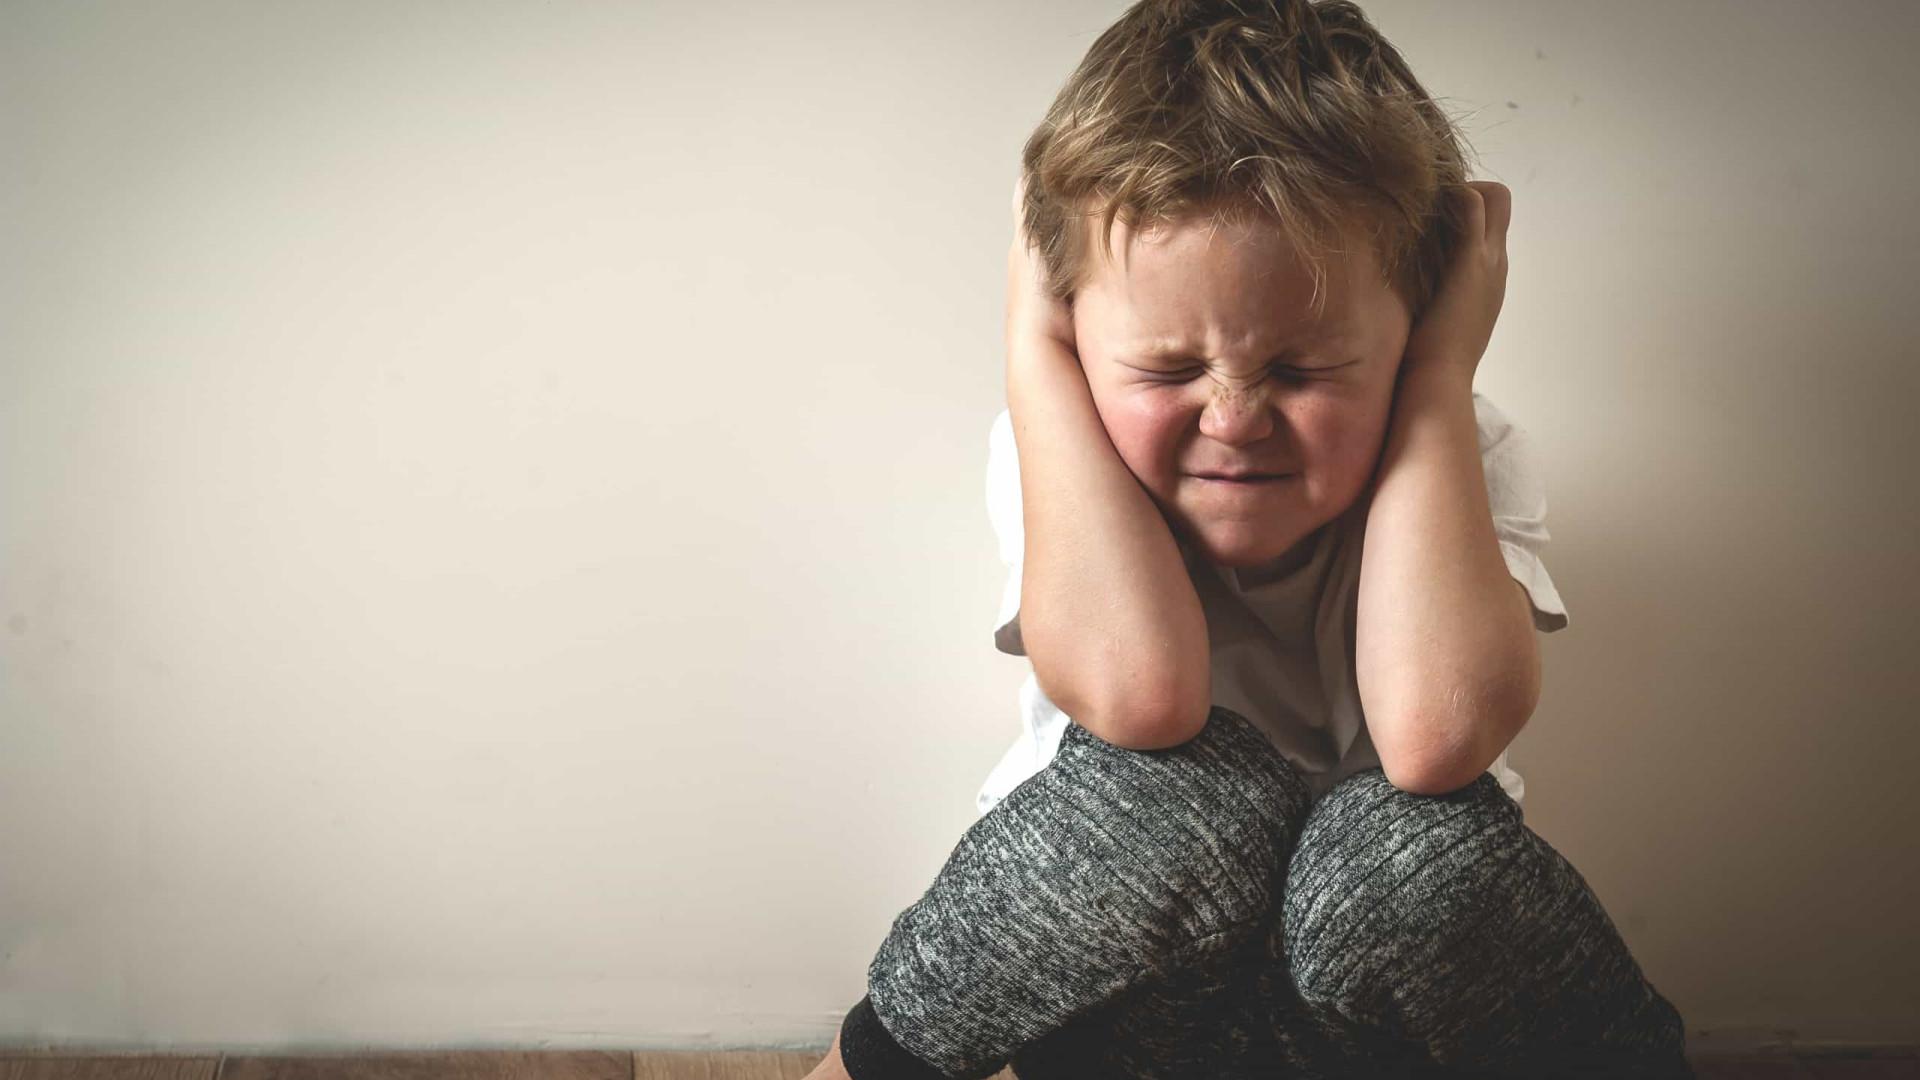 Sem escola, temor de pais é o peso do estresse nos filhos